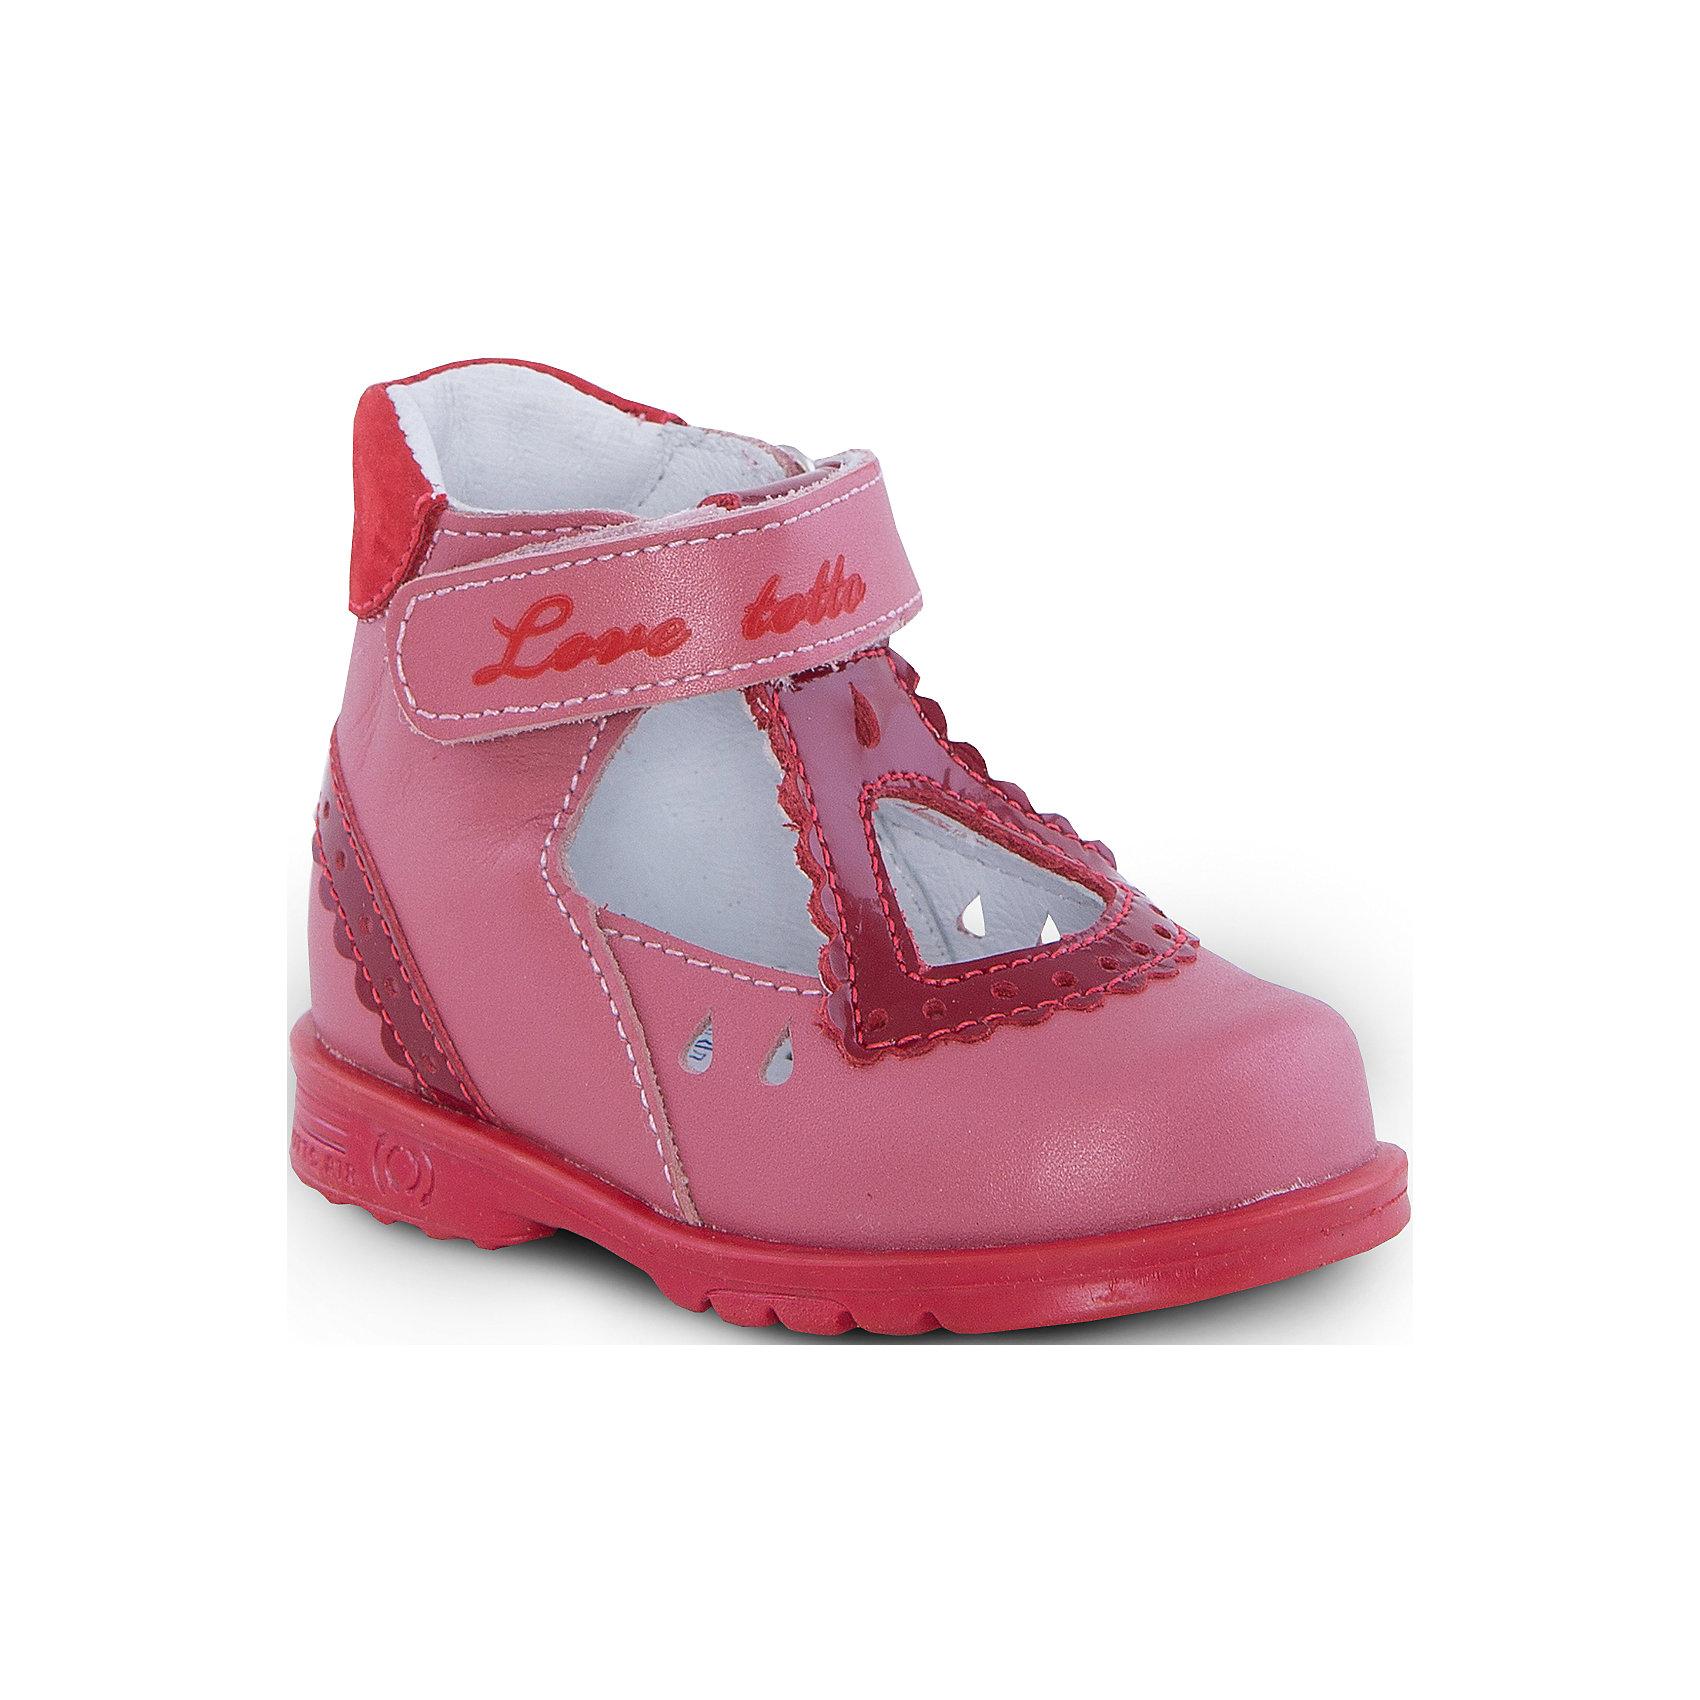 Туфли для девочки ТОТТОТуфли<br>Туфли для девочки ТОТТО<br>Красивые и удобные туфли для девочки от Российского производителя ТОТТО. Произведены в соответствии с рекомендациями ортопедов, имеют супинатор, который предотвращает образование плоскостопия, и жесткий задник, продленный до середины стопы. Туфли обеспечивают плотную фиксацию голеностопа и имеют мягкие нейтрализующие швы. Каблук Томаса распределяет нагрузку на стопу и не дает ей заваливаться внутрь. Свободная, широкая передняя часть туфель не ограничивает формирование и рост детской стропы и пальчиков. Упругая подошва позволяет защитить еще не развитые мышцы стоп и связки от растяжения и повреждения. Сочный цвет красного грейпфута туфель отлично сочетается с минималистичной отделкой туфель. Застежка на липучке позволяет легко застегивать обувь на ножке ребенка. Идеальные туфельки как для праздника,так и на каждый день!<br>Дополнительная информация:<br>- Тип застежки: липучка<br>Состав:<br>- Натуральная кожа<br>Туфли для девочки ТОТТО можно купить в нашем магазине.<br>Подробнее:<br>Для детей в возрасте: от 6-12 мес.<br>Номер товара: 4794581<br>Страна производитель: Российская Федерация<br><br>Ширина мм: 227<br>Глубина мм: 145<br>Высота мм: 124<br>Вес г: 325<br>Цвет: красный<br>Возраст от месяцев: 12<br>Возраст до месяцев: 15<br>Пол: Женский<br>Возраст: Детский<br>Размер: 21,26,19,20,22,23,24,25<br>SKU: 4794580